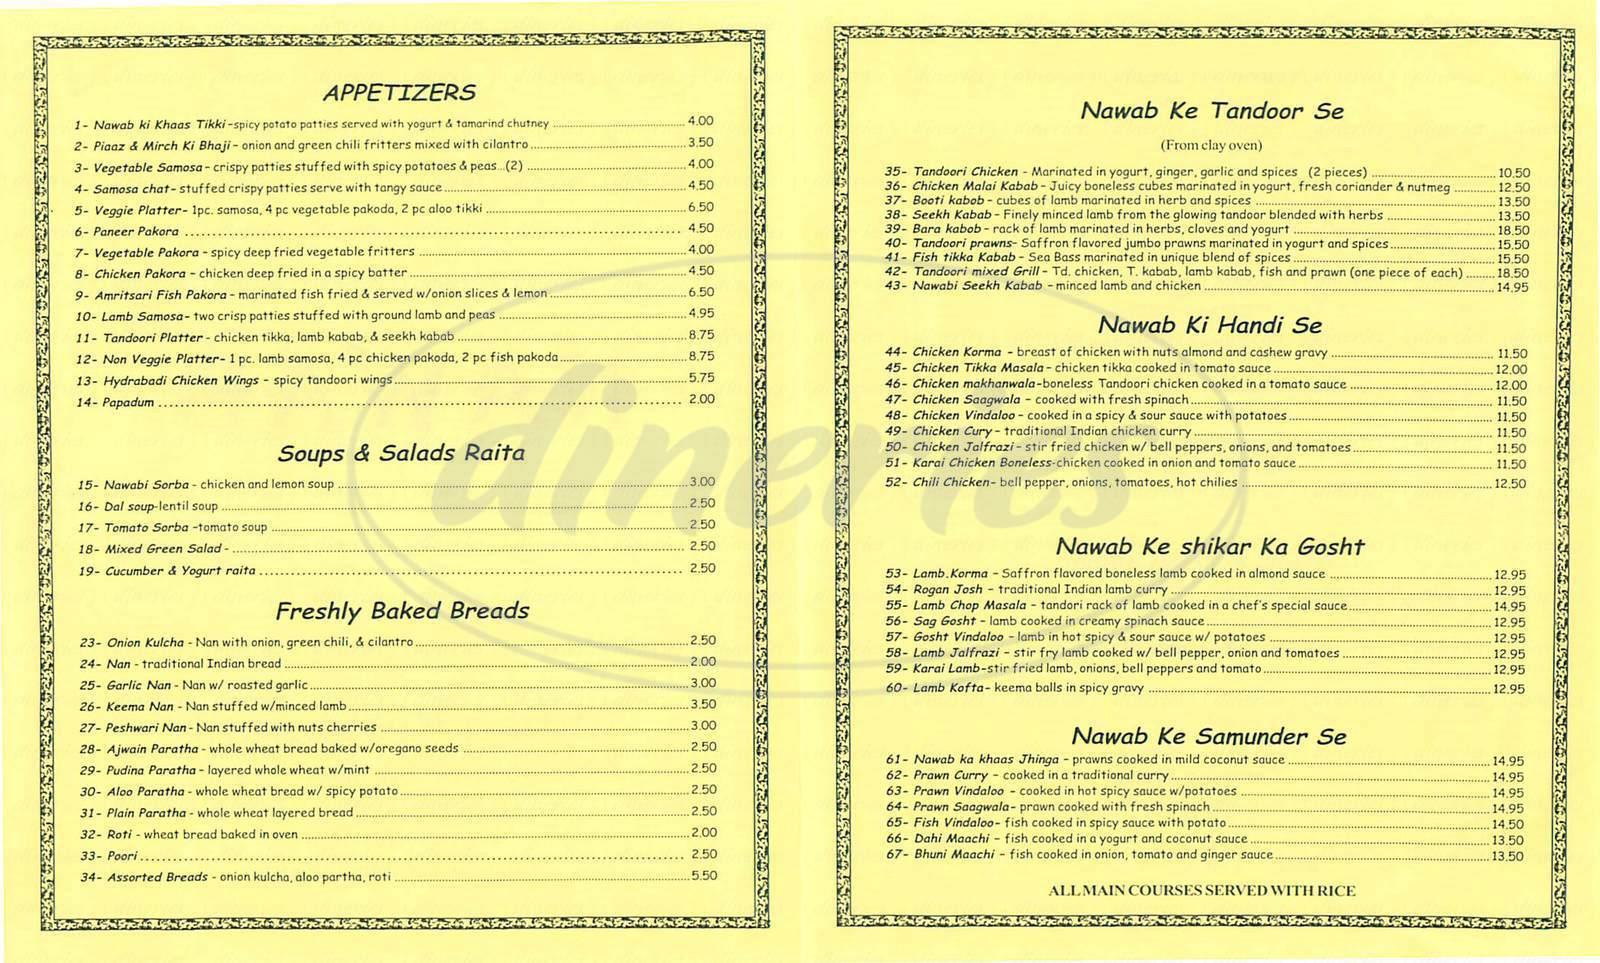 menu for Nawab